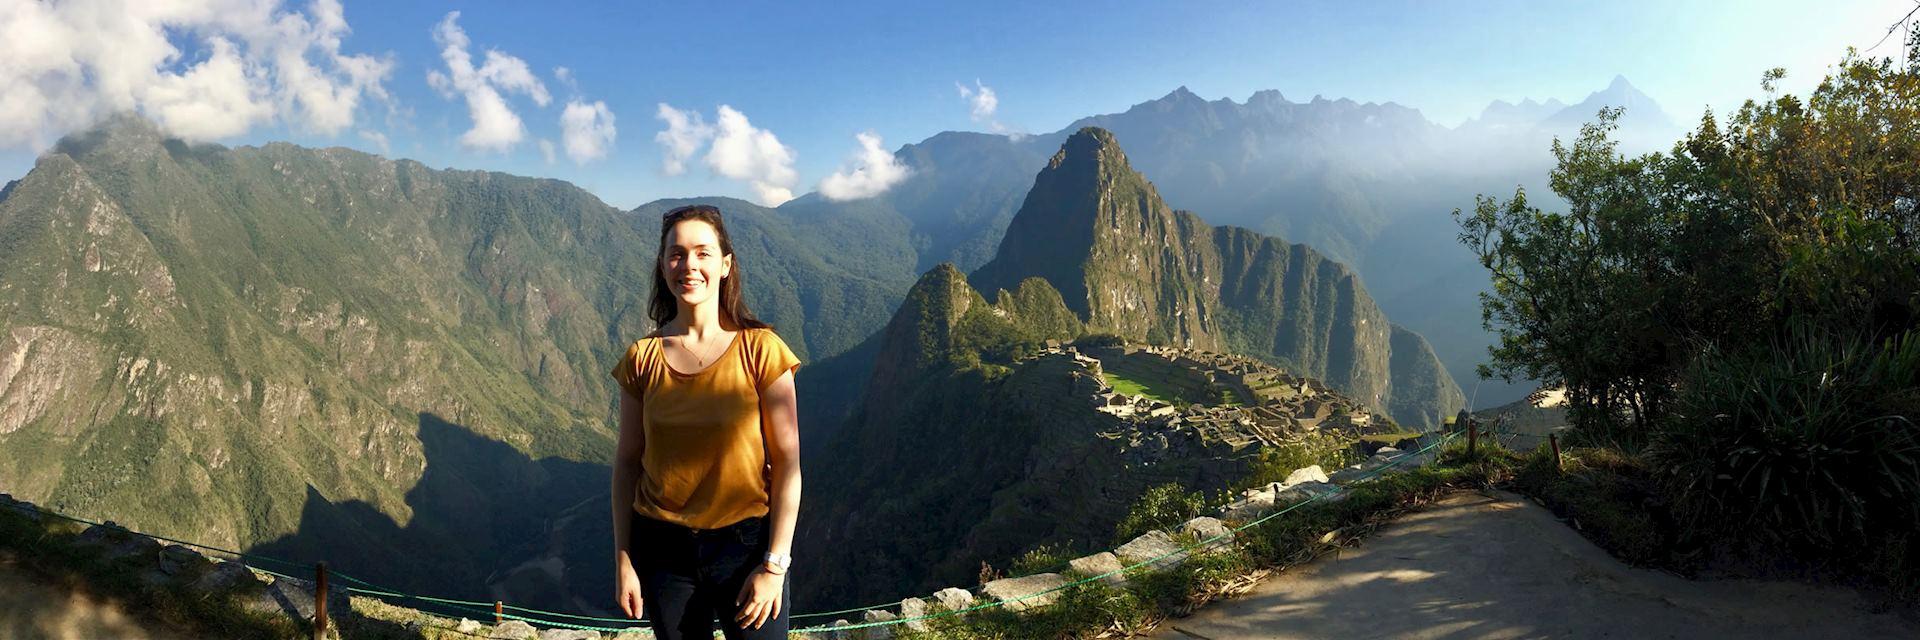 Catherine at Machu Picchu, Peru